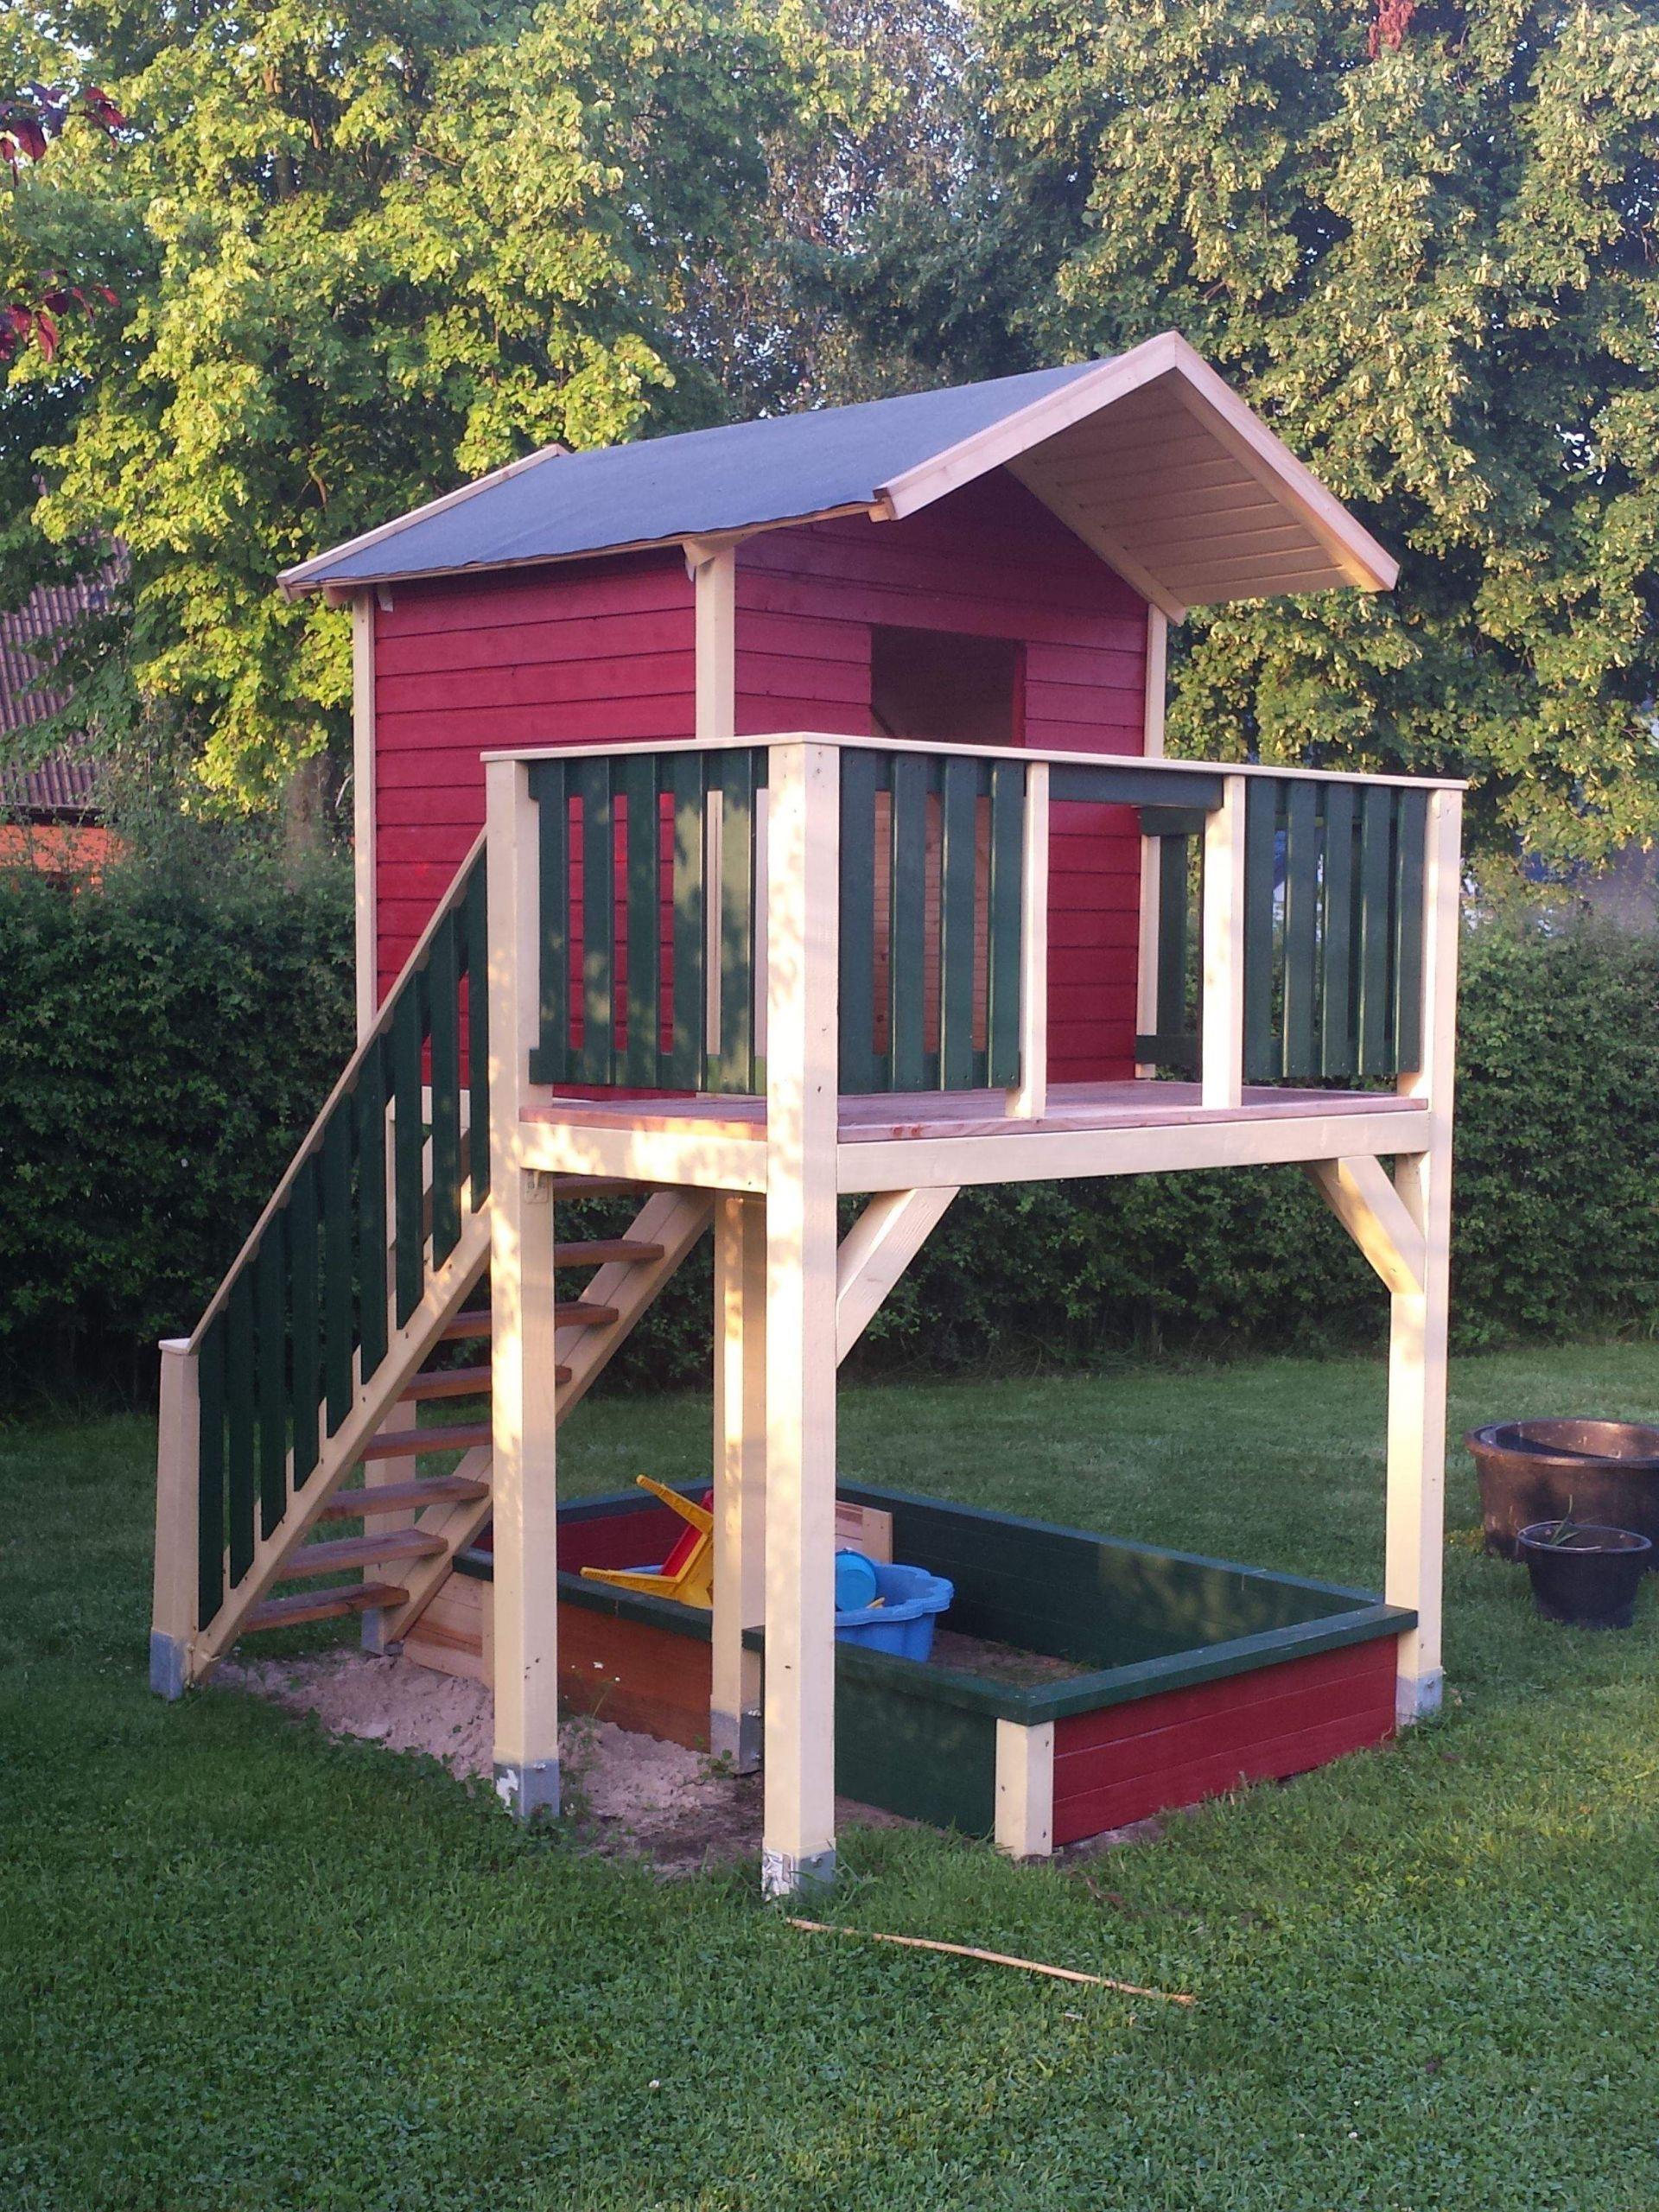 Garten Spielturm Genial Spielturm Mit Treppe Bauanleitung Zum Selber Bauen